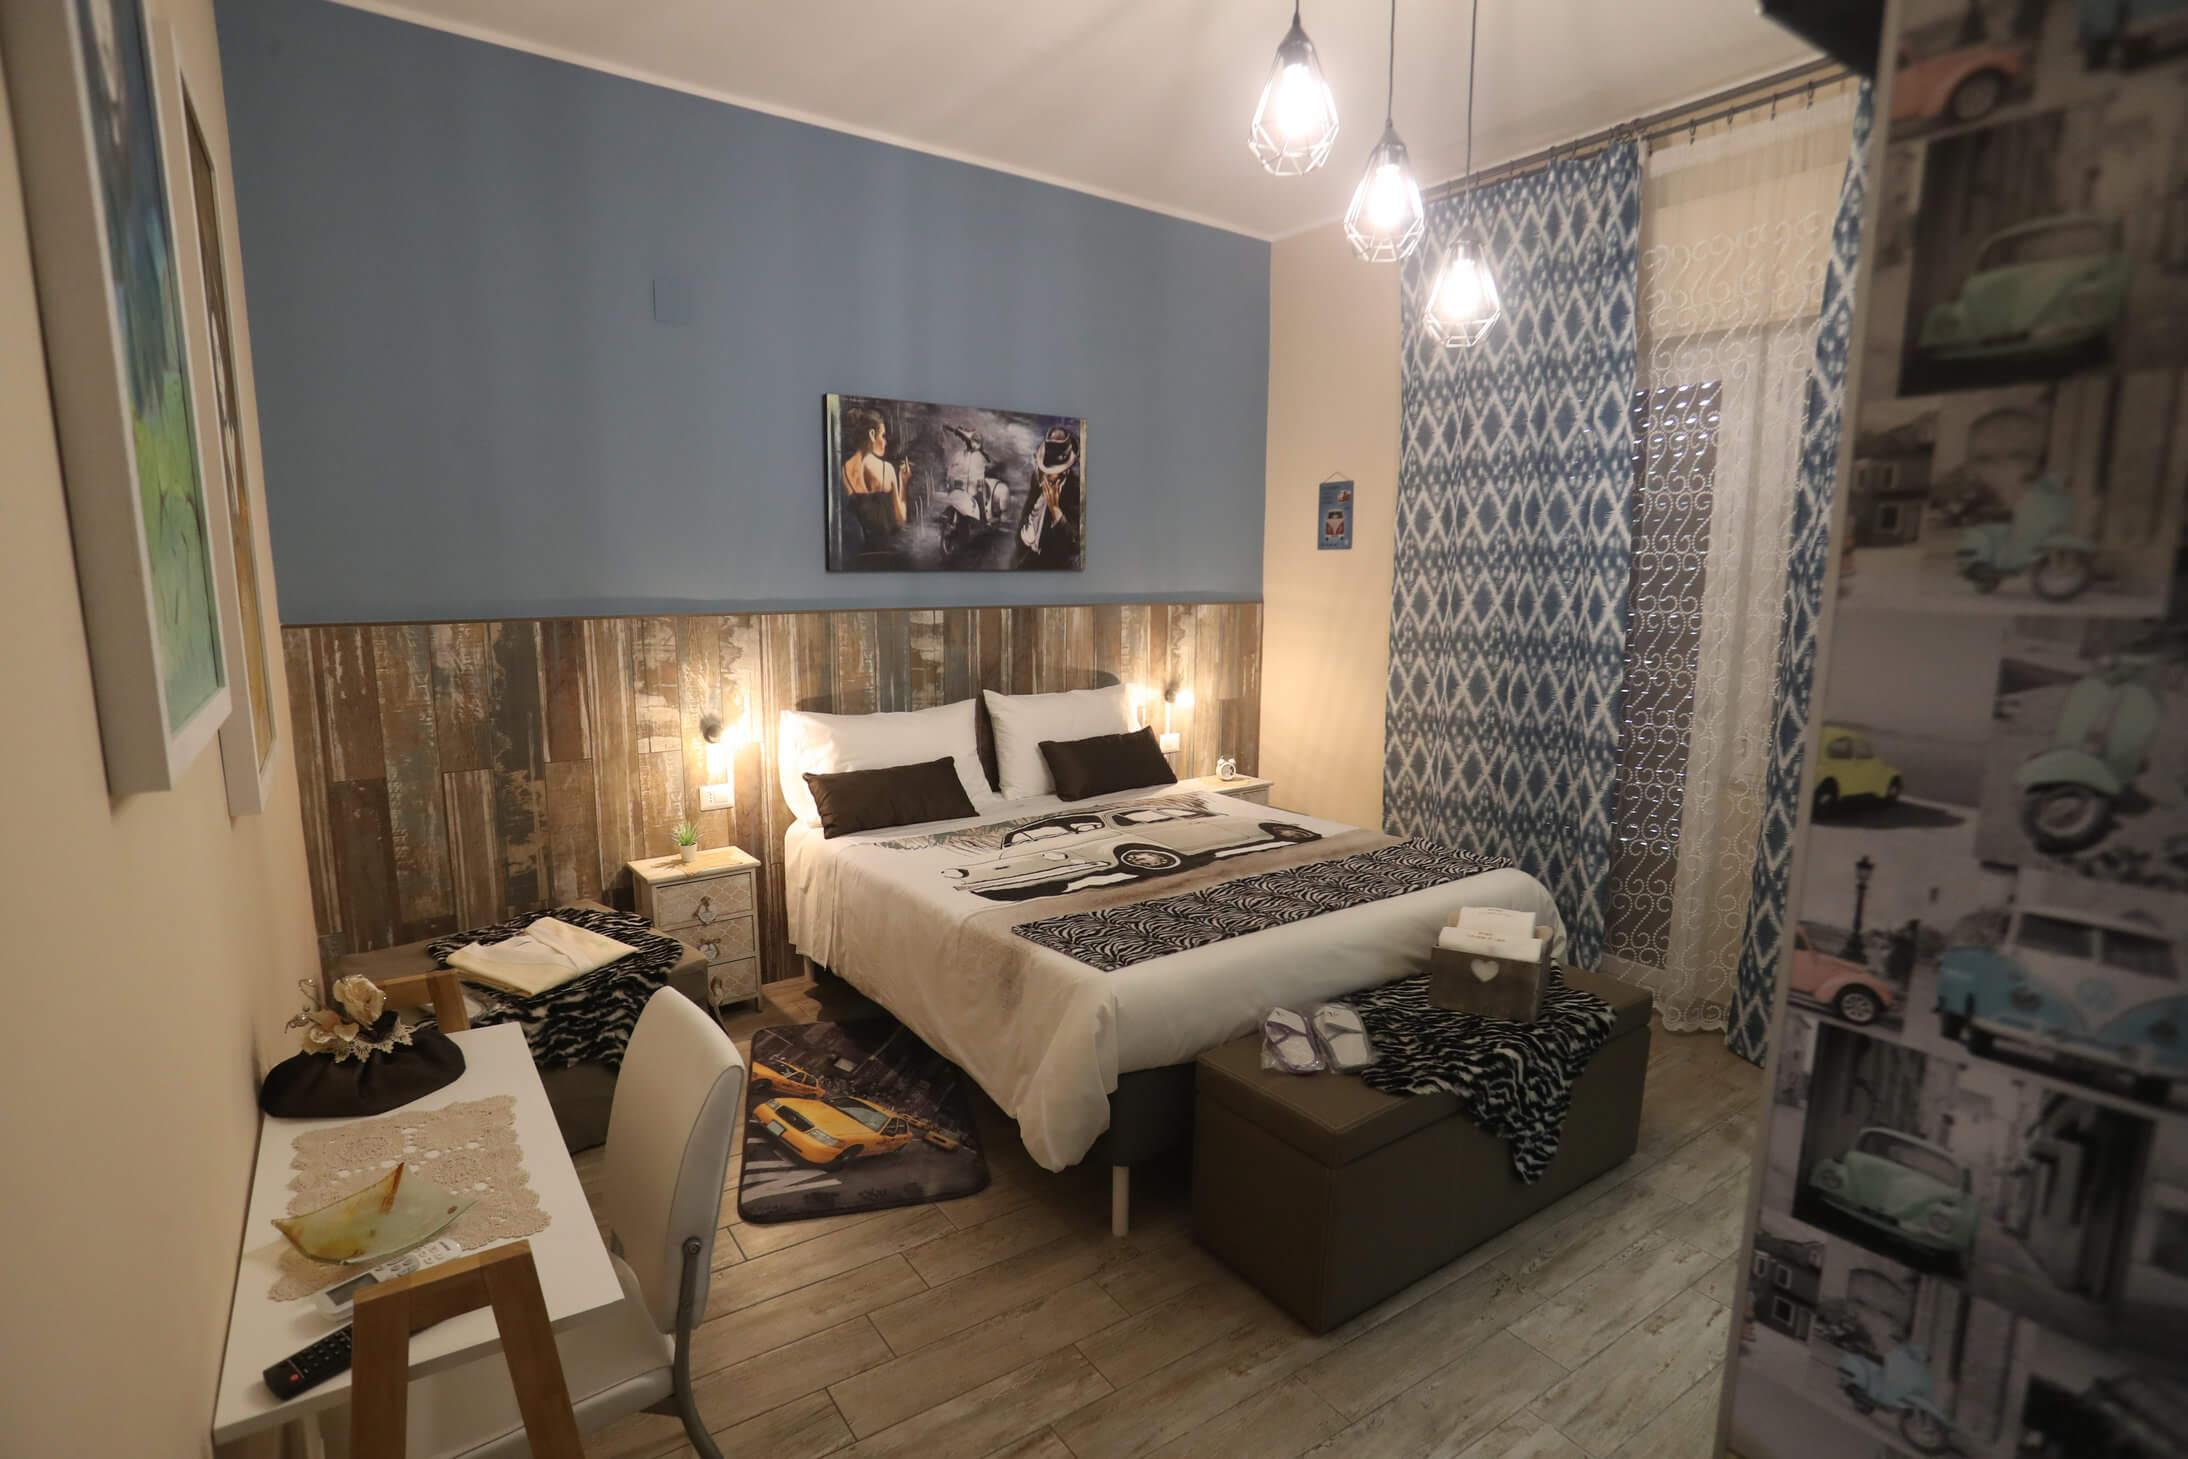 Stanza Vintage Bed and Breakfast Reggio Calabria Centro La Casa Di Luce